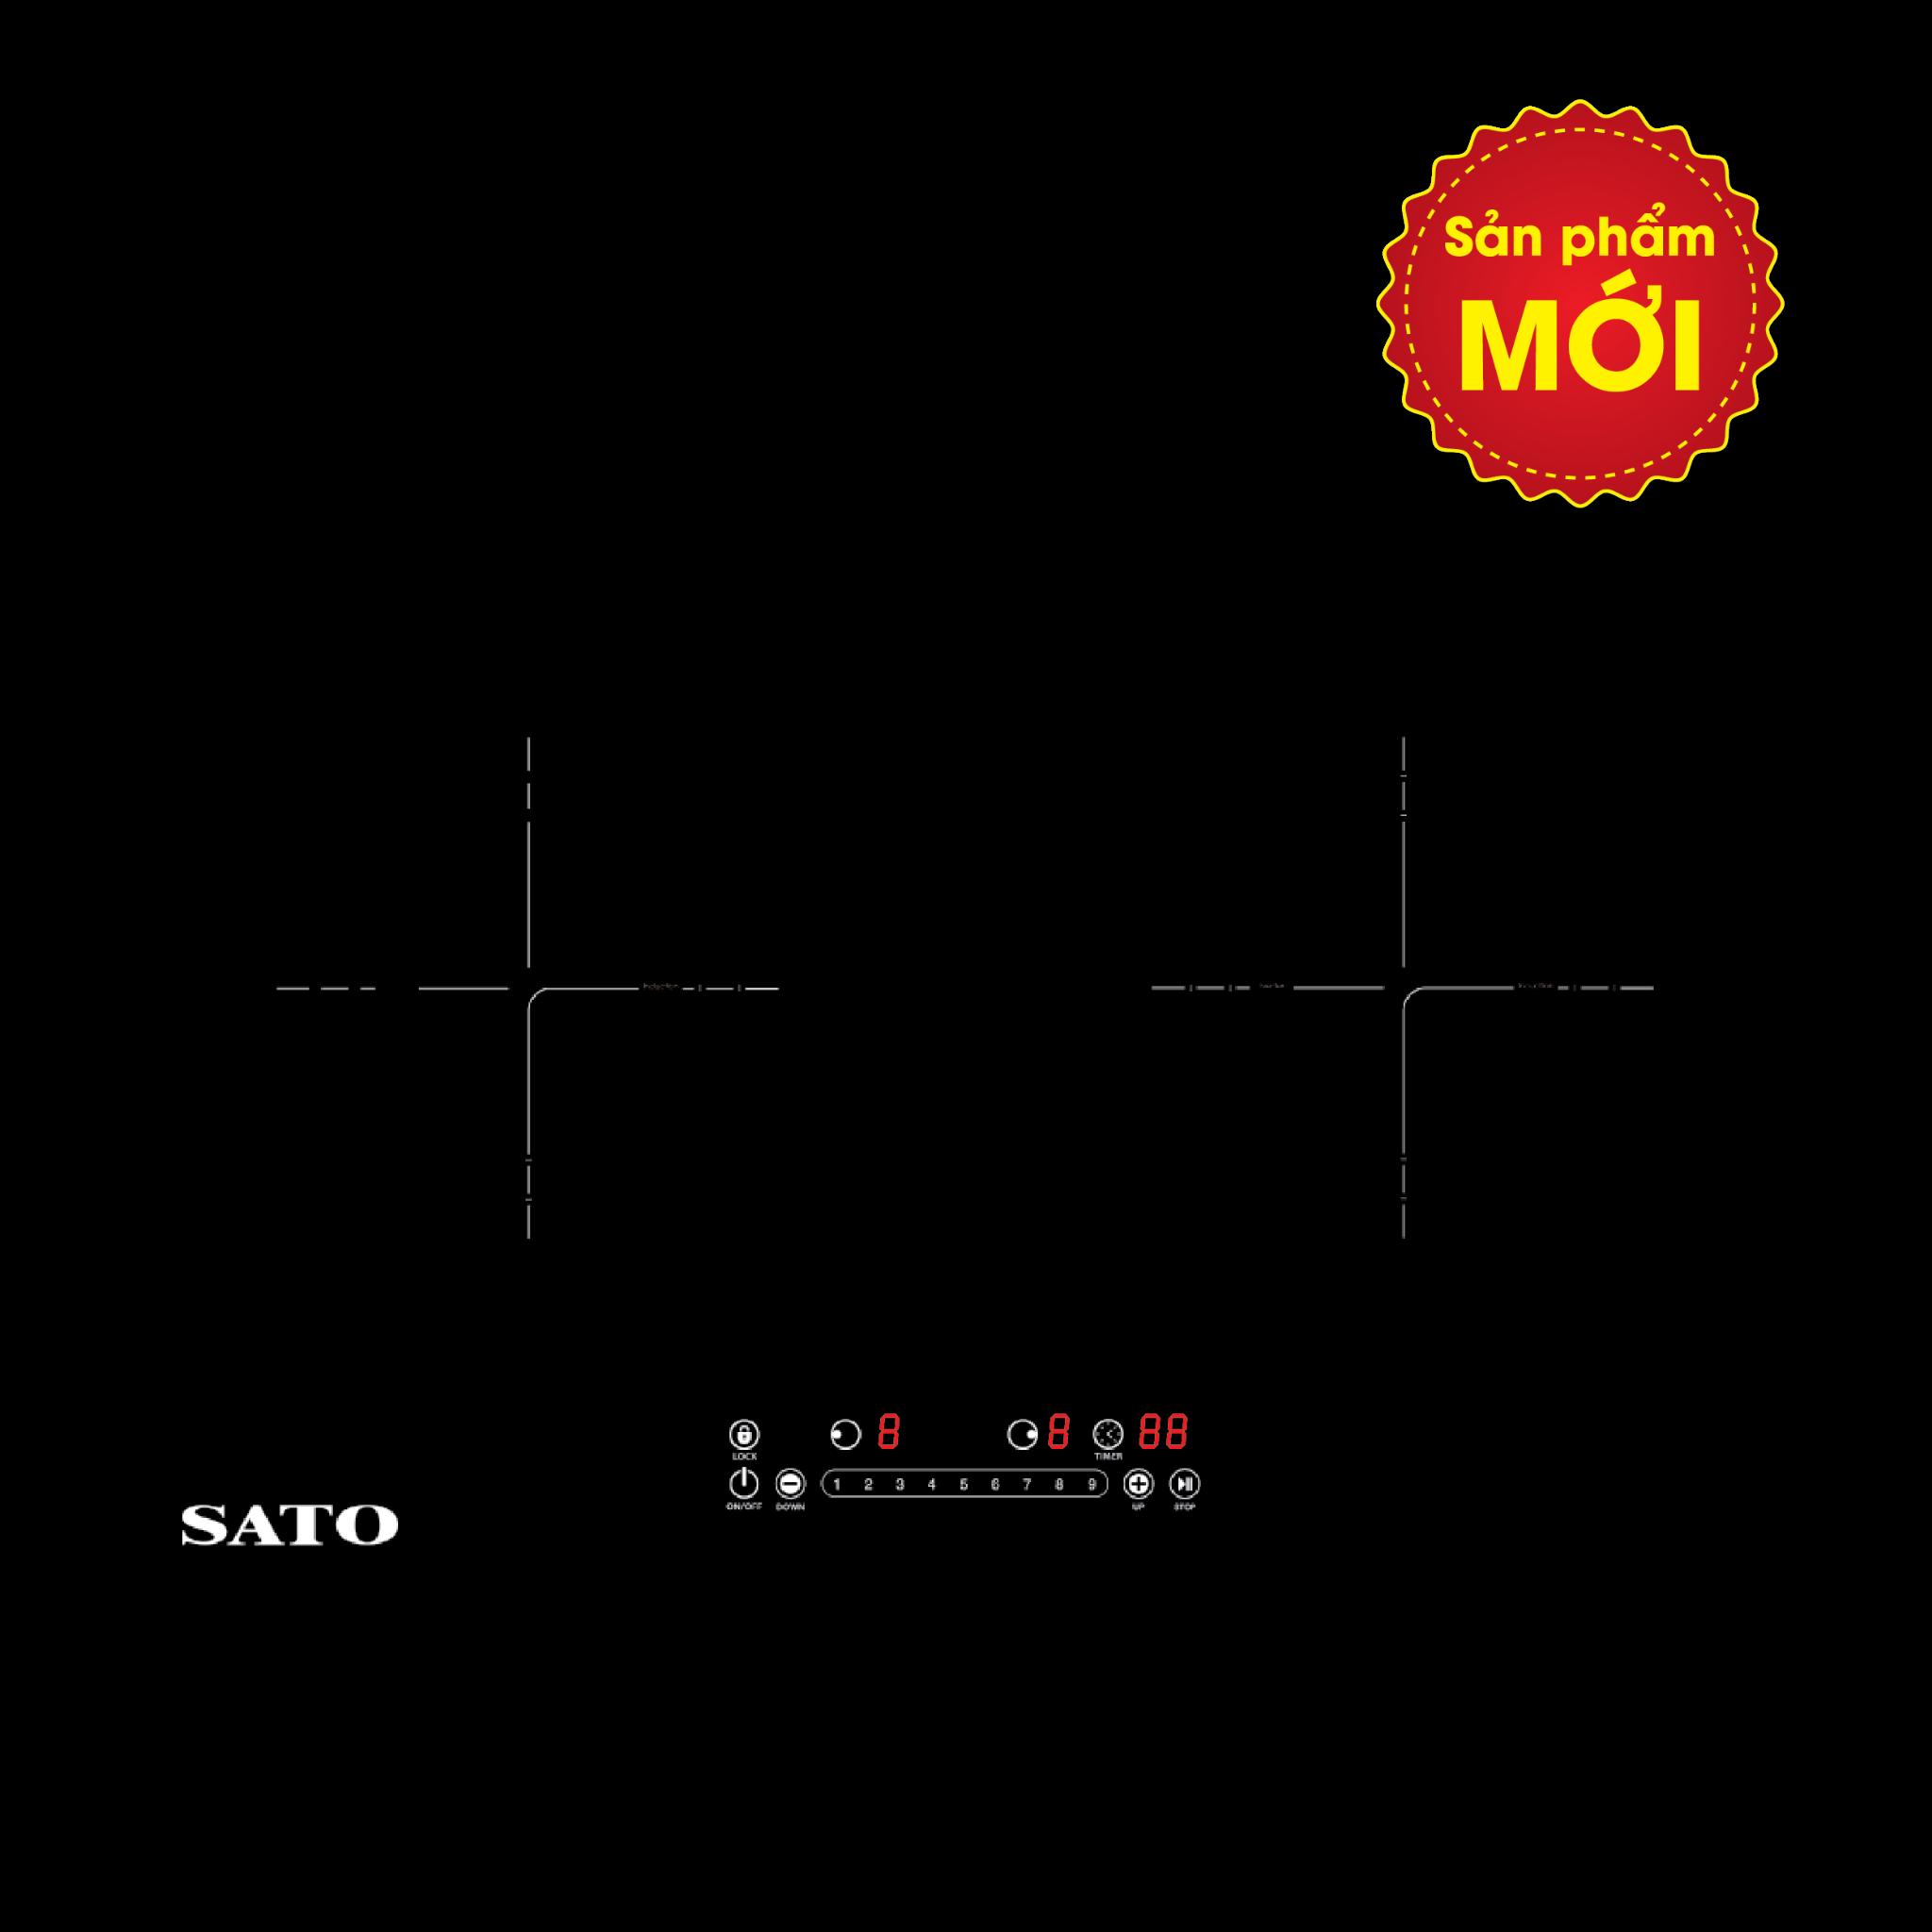 bep-tu-doi-sato-sih588-n3.0